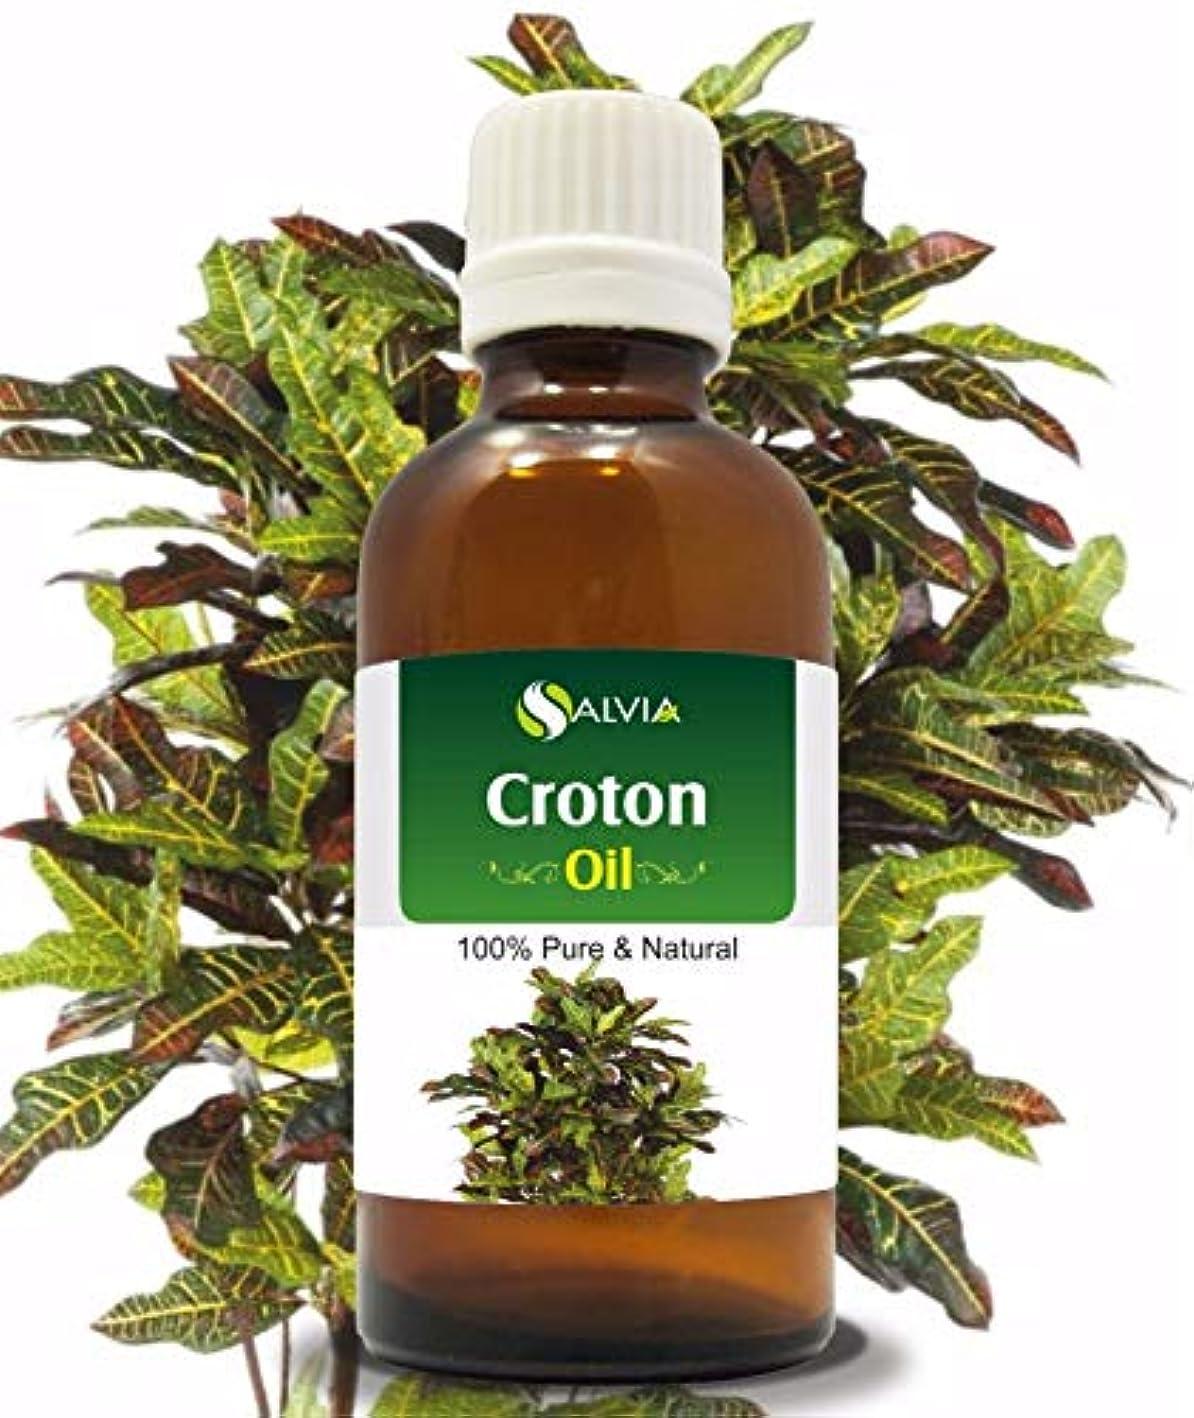 スタジアム石鹸こねるCroton (Crotonis Oleum) 100% Natural Pure Carrier Oil 30ml